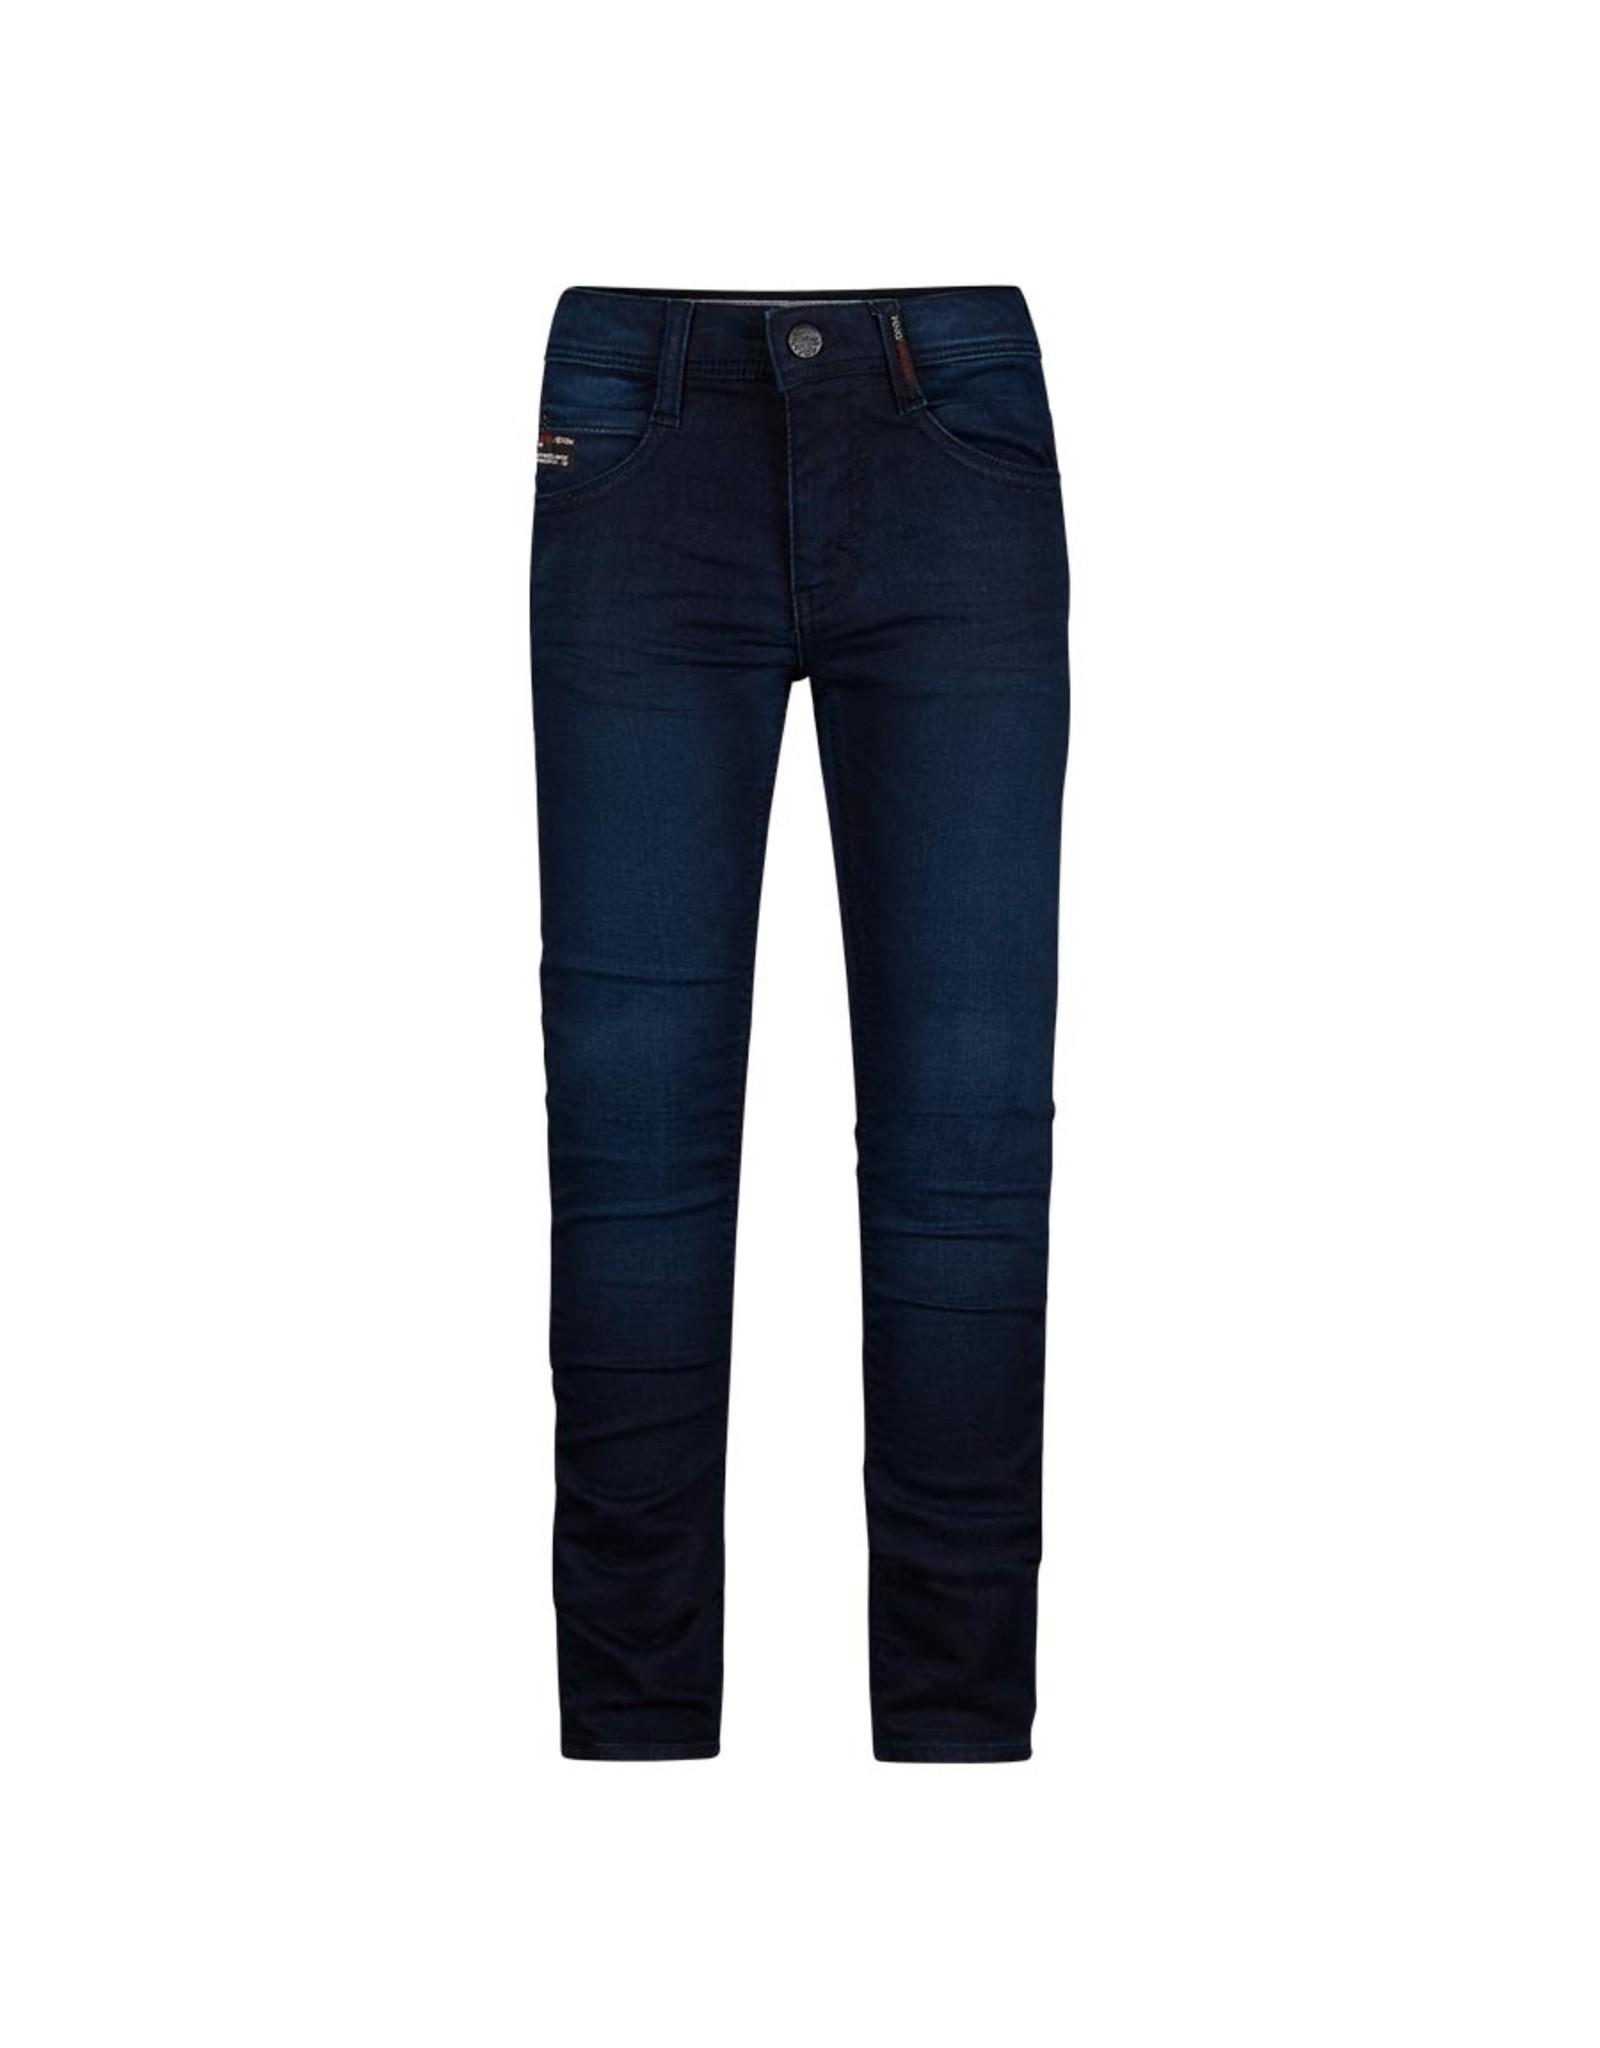 Retour Jeans Denim LUIGI dark blue Denim